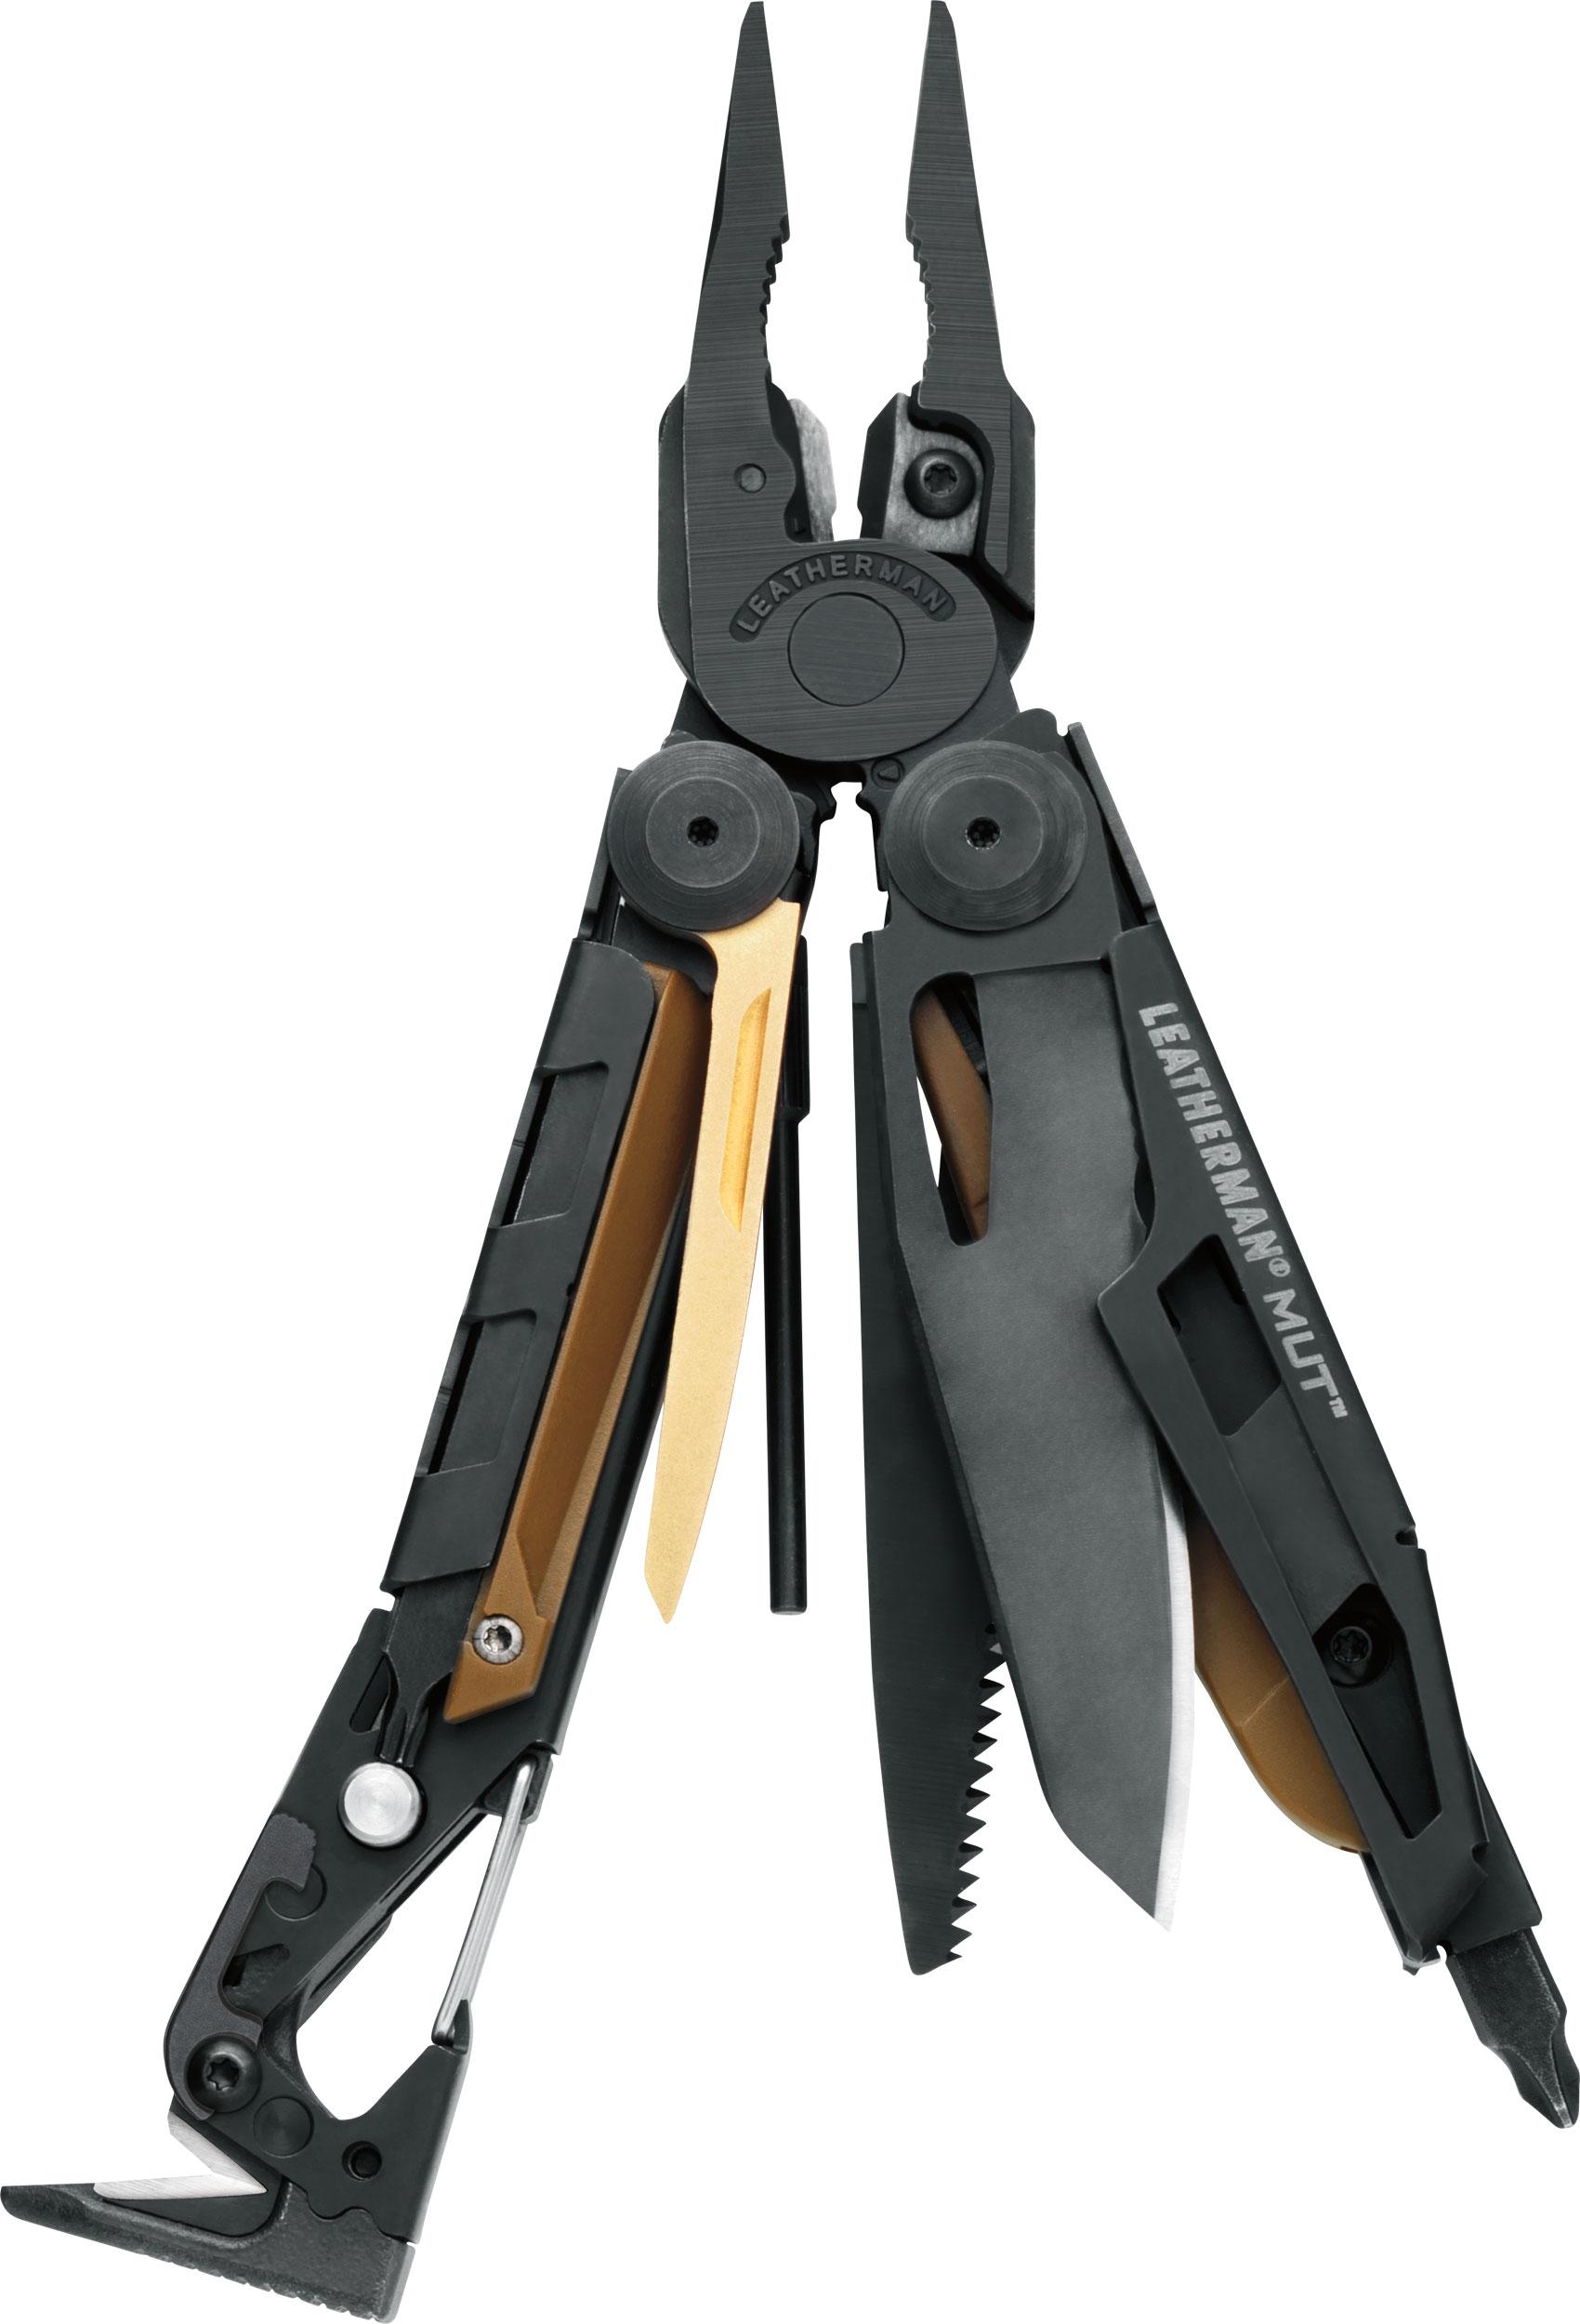 Leatherman MUT Heavy-Duty Multi-Tool, Black Oxide, Brown MOLLE Sheath